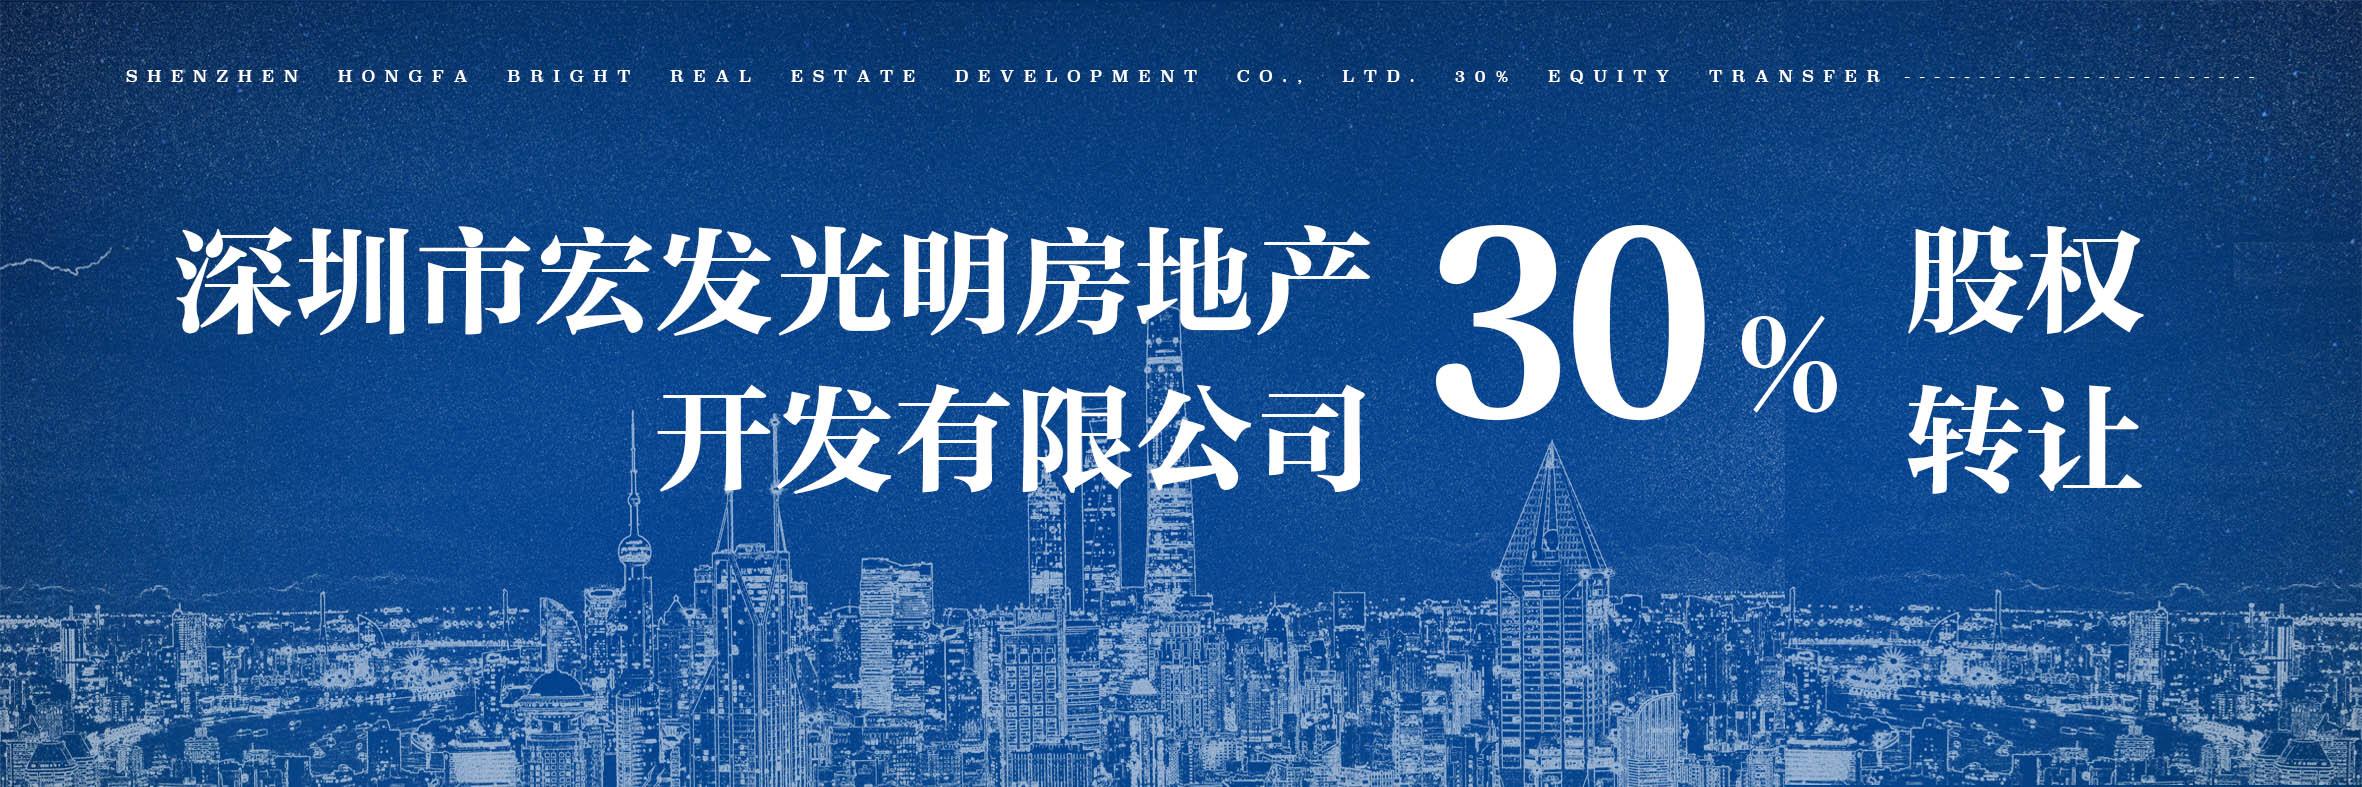 深圳市宏发光明房地产开发有限公司30%股权转让